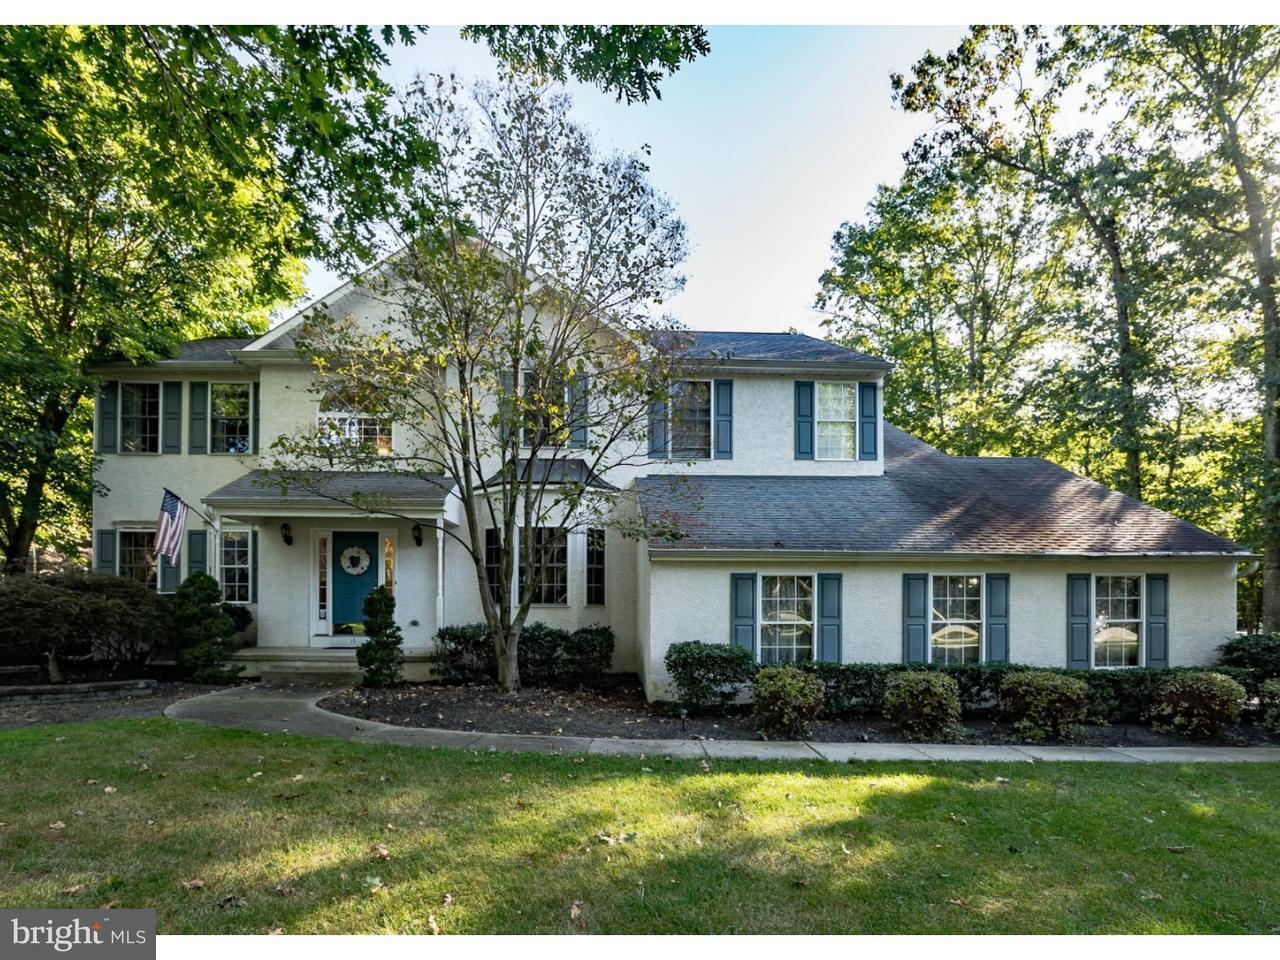 Частный односемейный дом для того Продажа на 15 MEADOWBROOK Drive Shamong, Нью-Джерси 08088 Соединенные Штаты